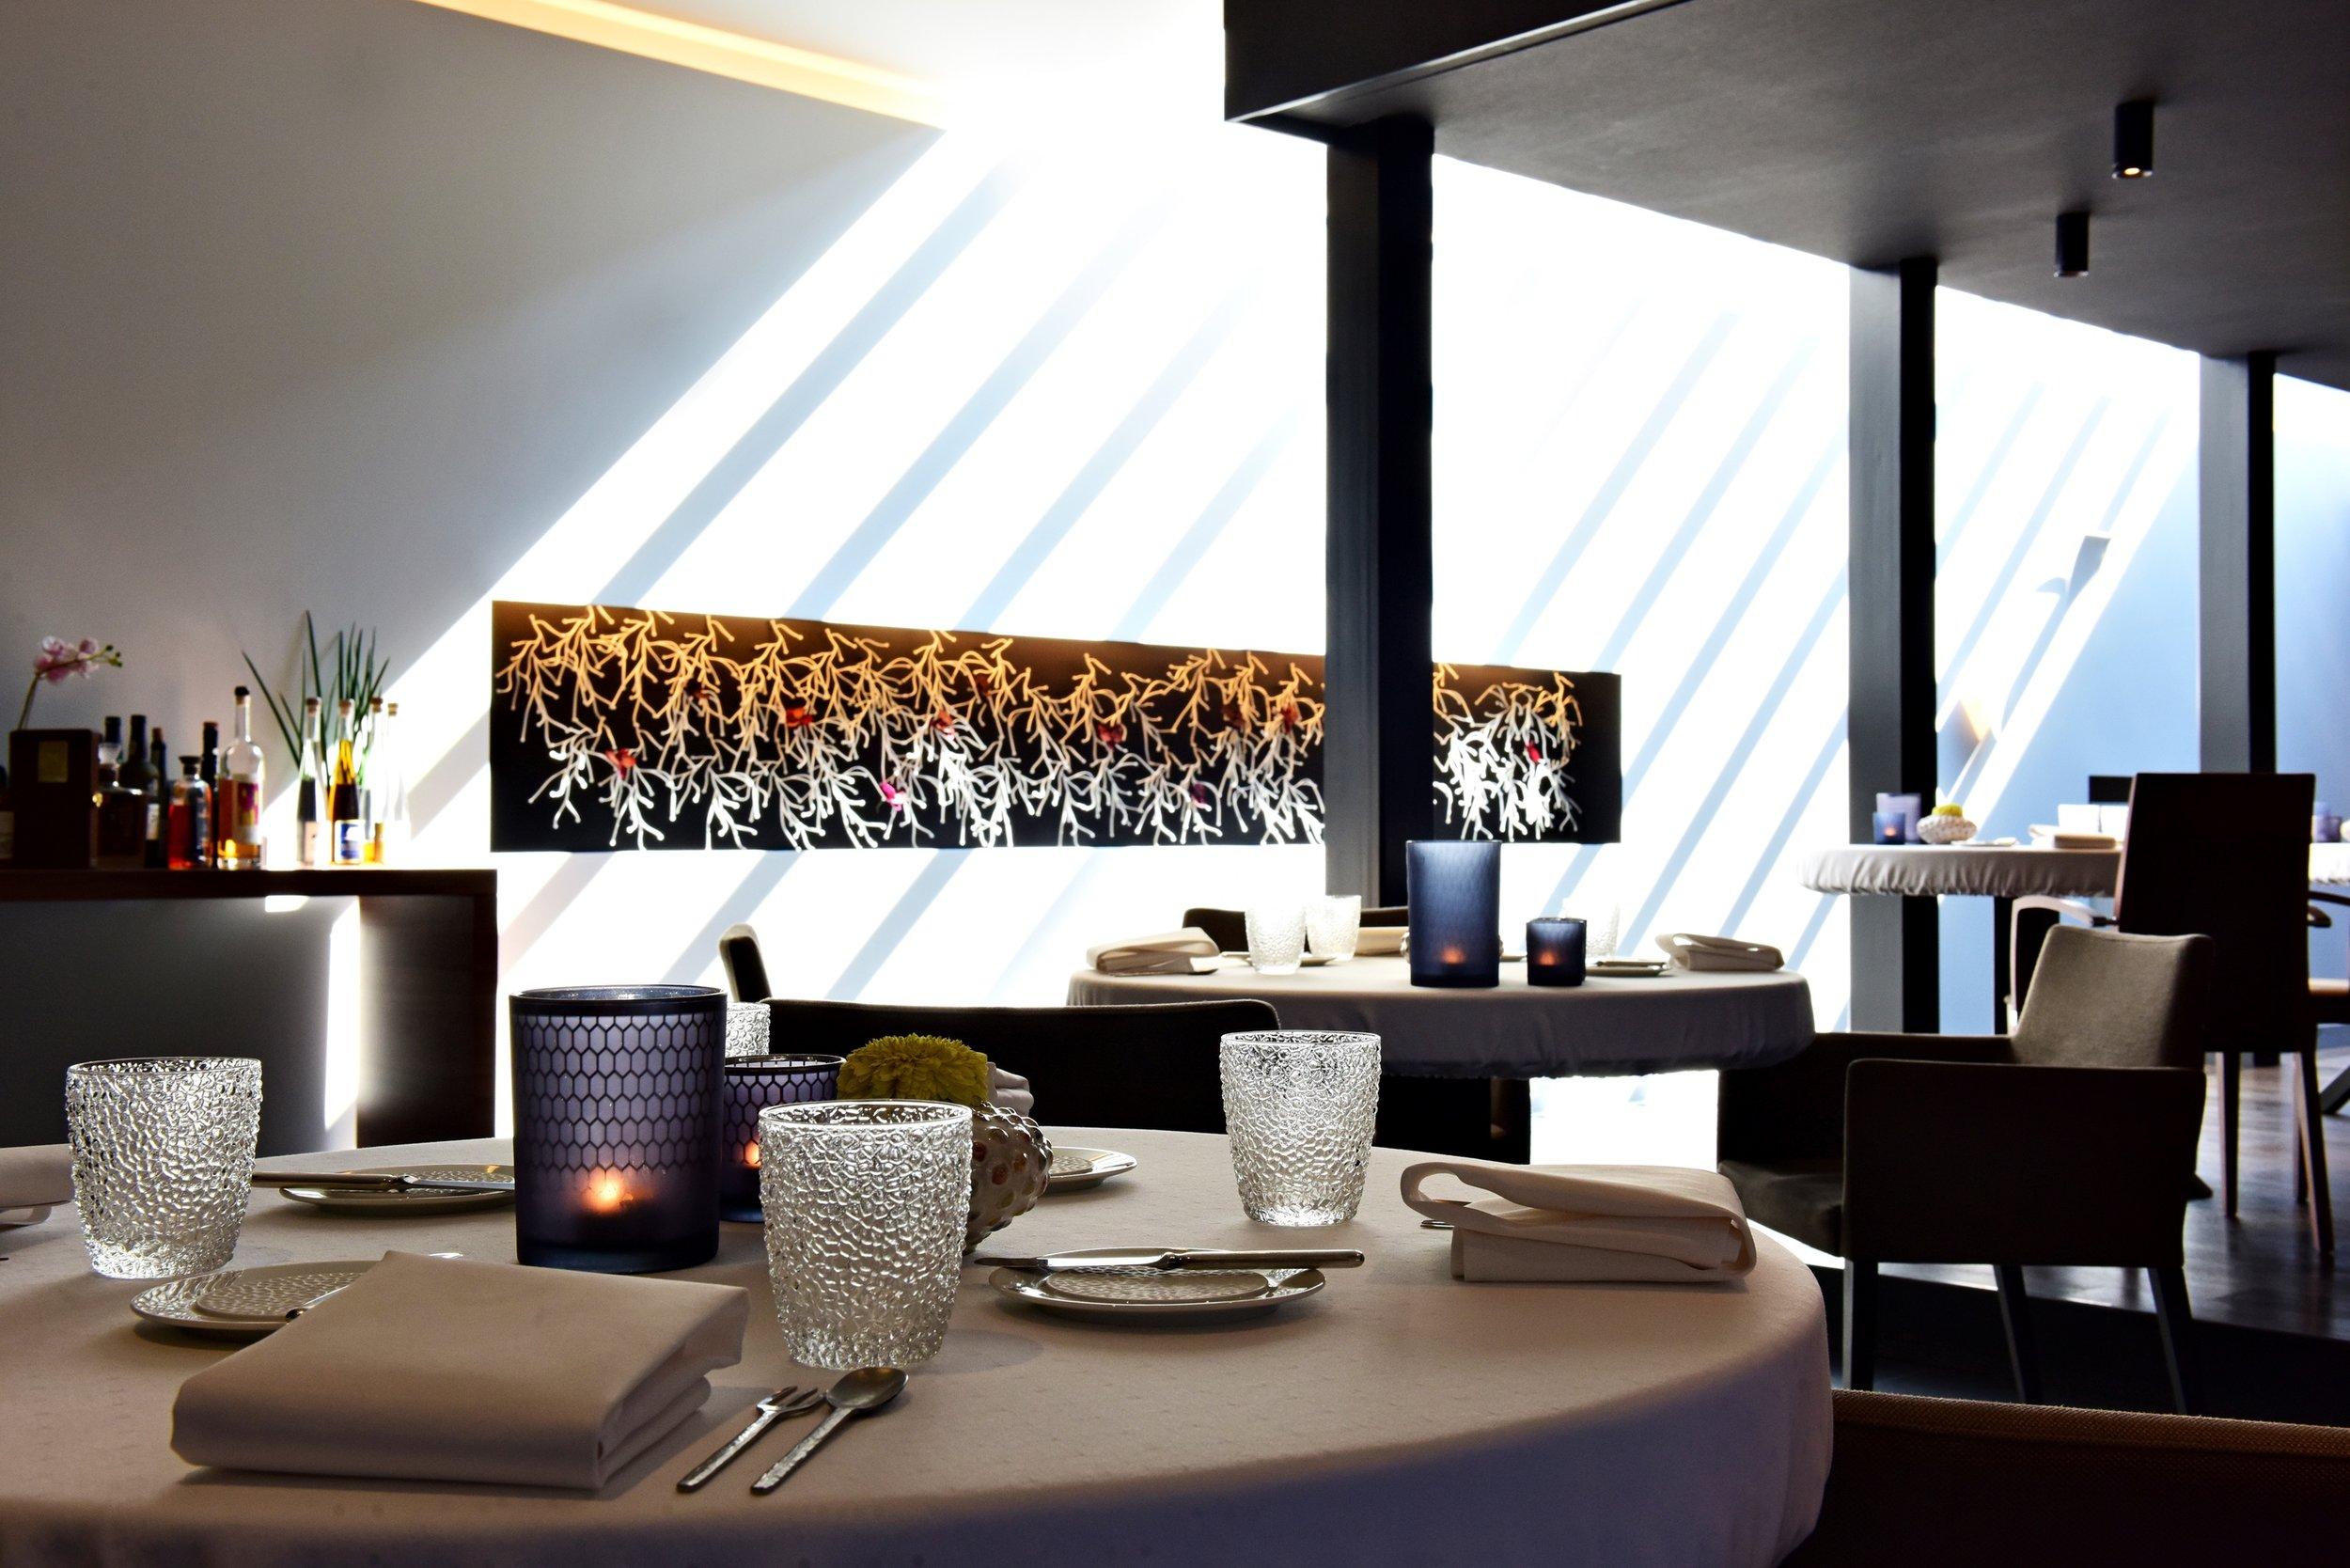 29 restaurant de mijlpaal tongeren bart albrecht culinair food fotograaf tablefever.jpg